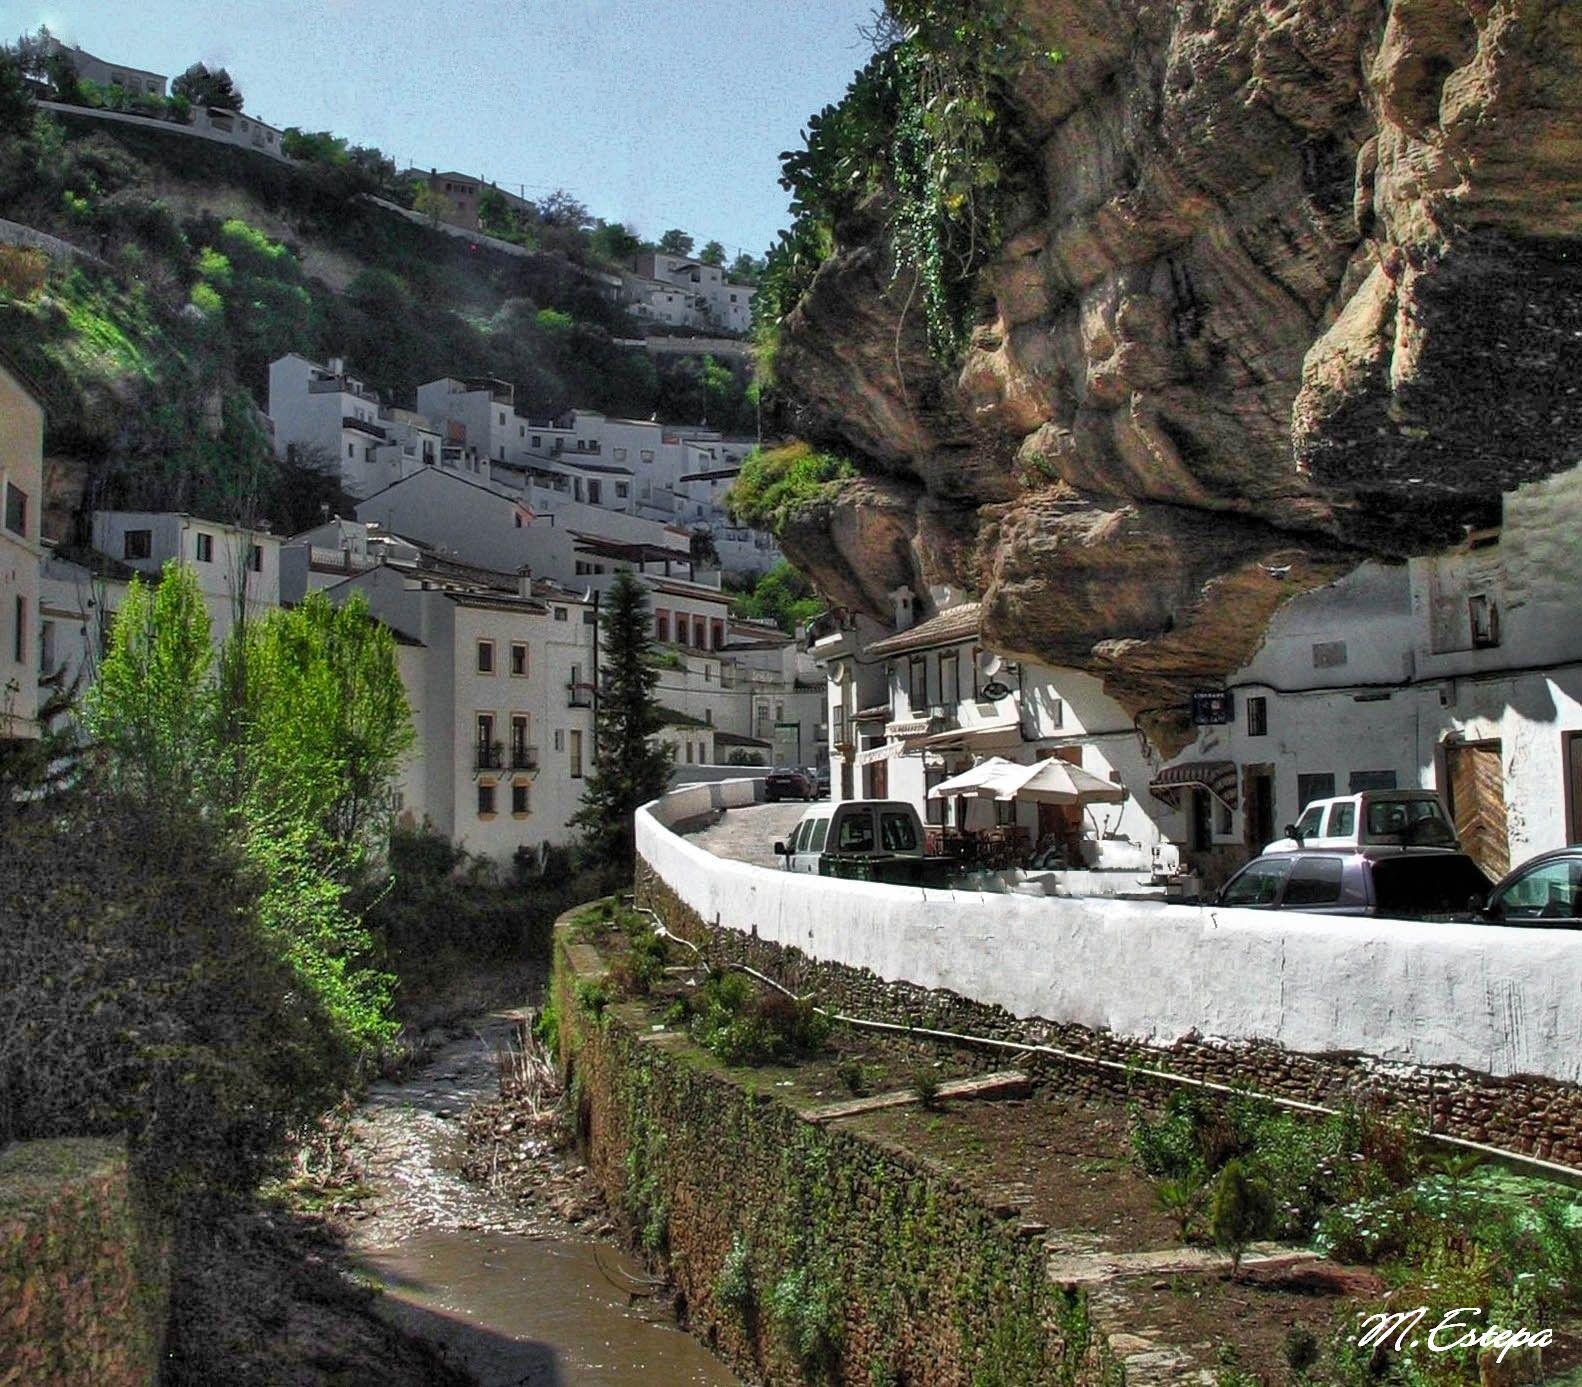 RT @puntoEss: Setenil de las Bodegas (Cádiz). Precioso pueblo construido entre las rocas @SitiosdeEspana http://t.co/iplj0y8tuL